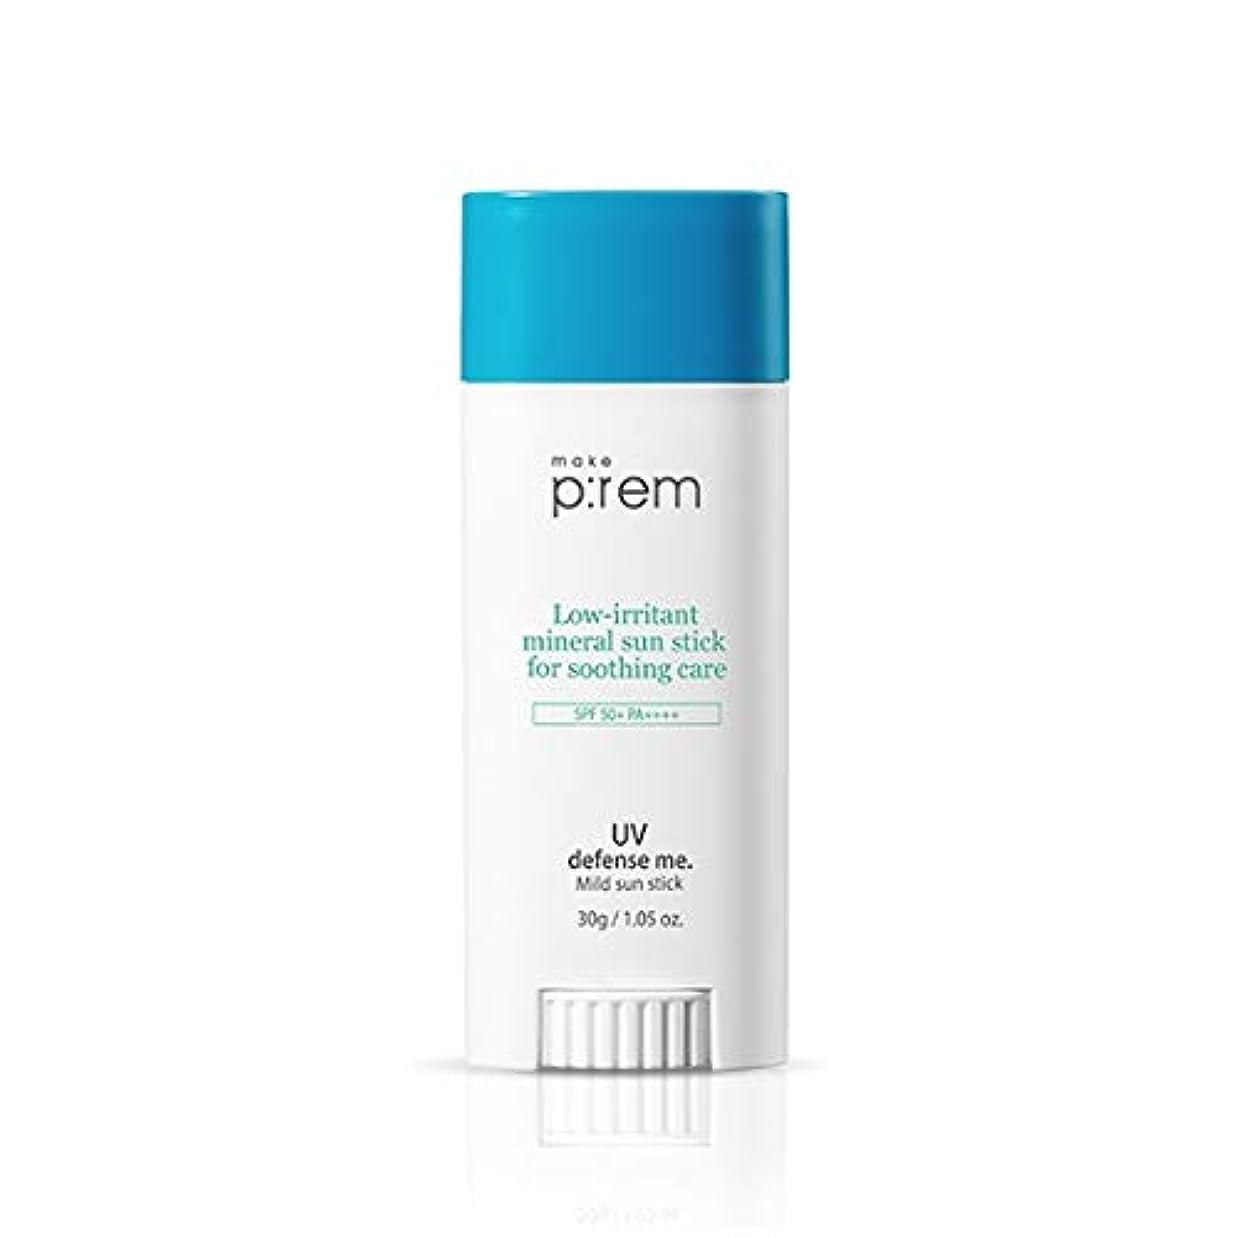 発掘する初期即席make prem 【メイクプレム】 UV ディフェンス ミ マイルドなサンスティック 30g SPF50+/PA++++ Make p:rem Mild sun stick